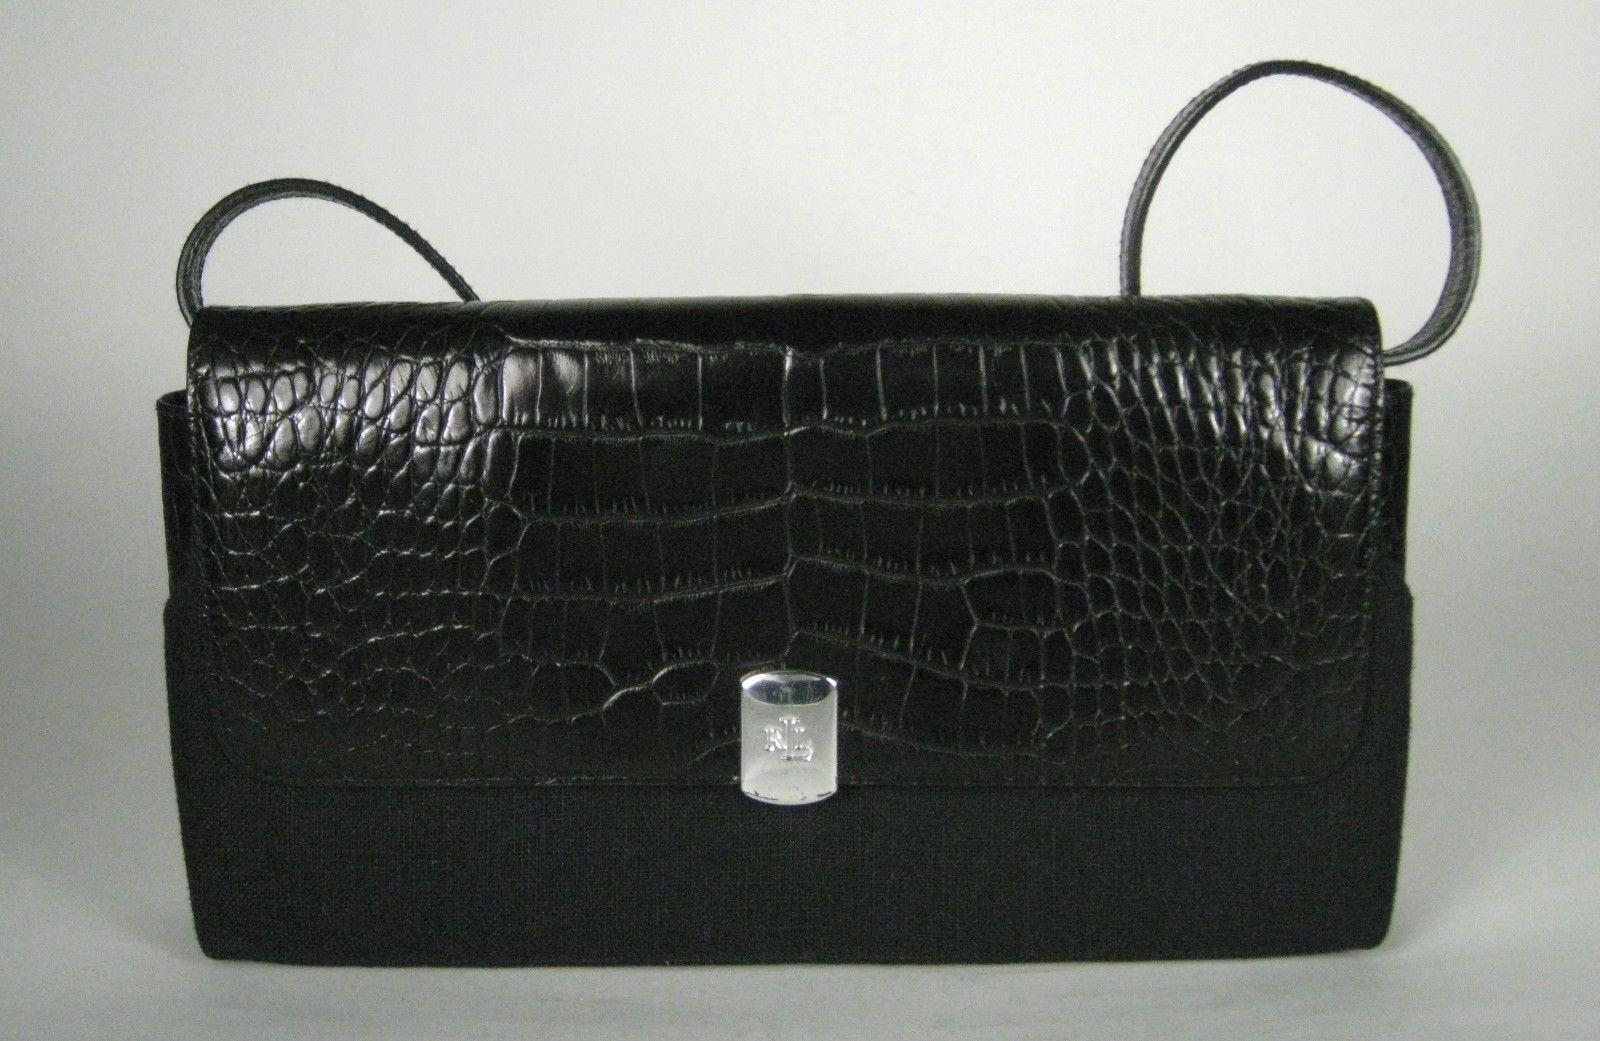 ae967941edb0 Lauren Ralph Lauren Bag Small Strap Handheld and 50 similar items. S l1600